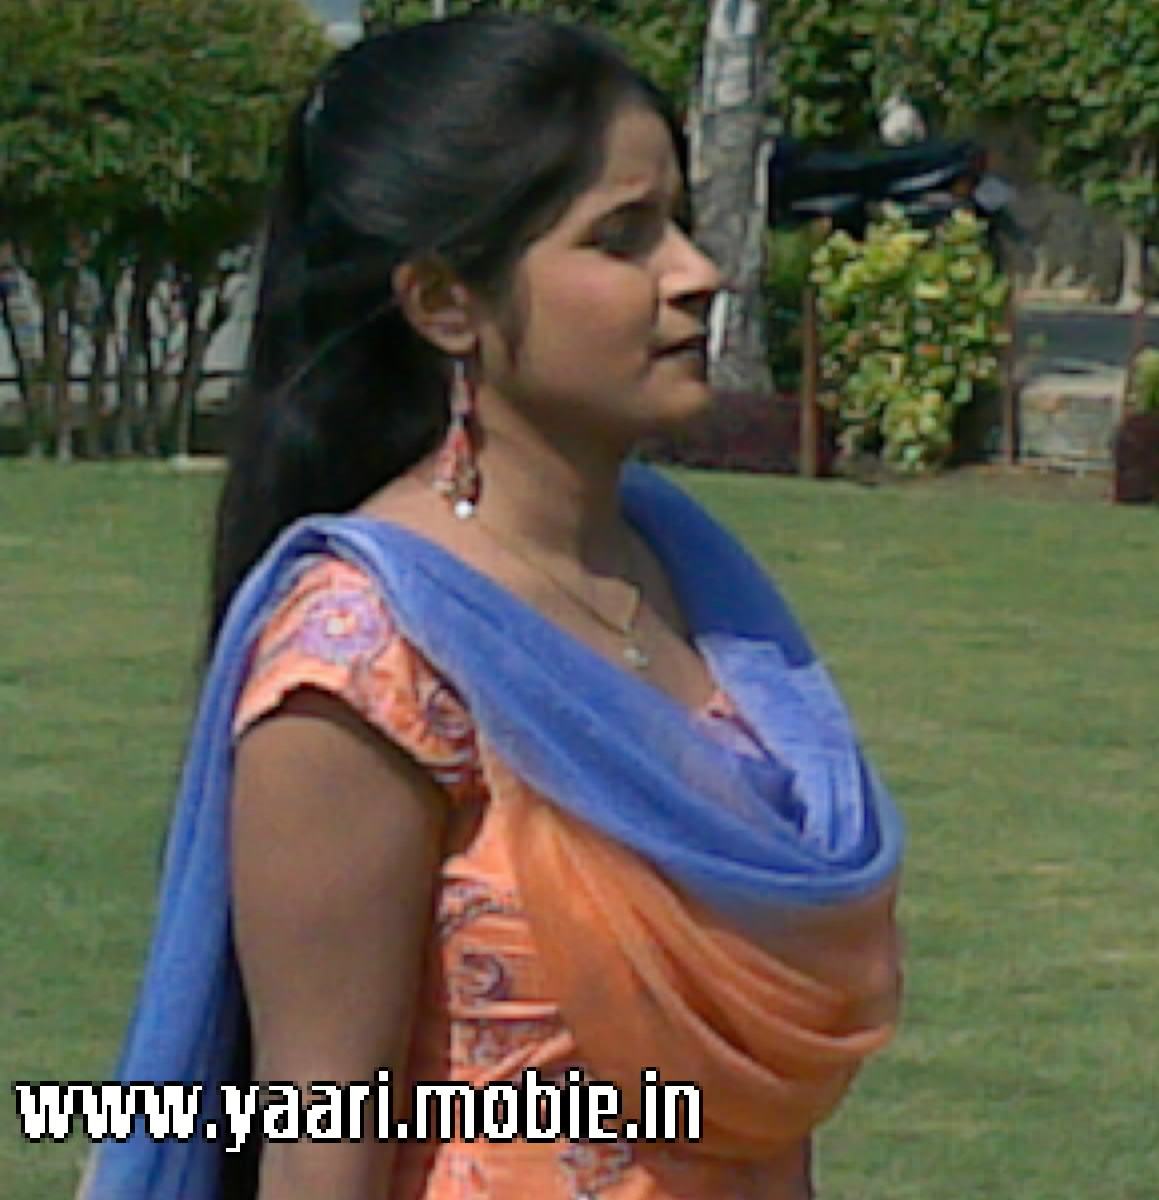 Miss pooja07